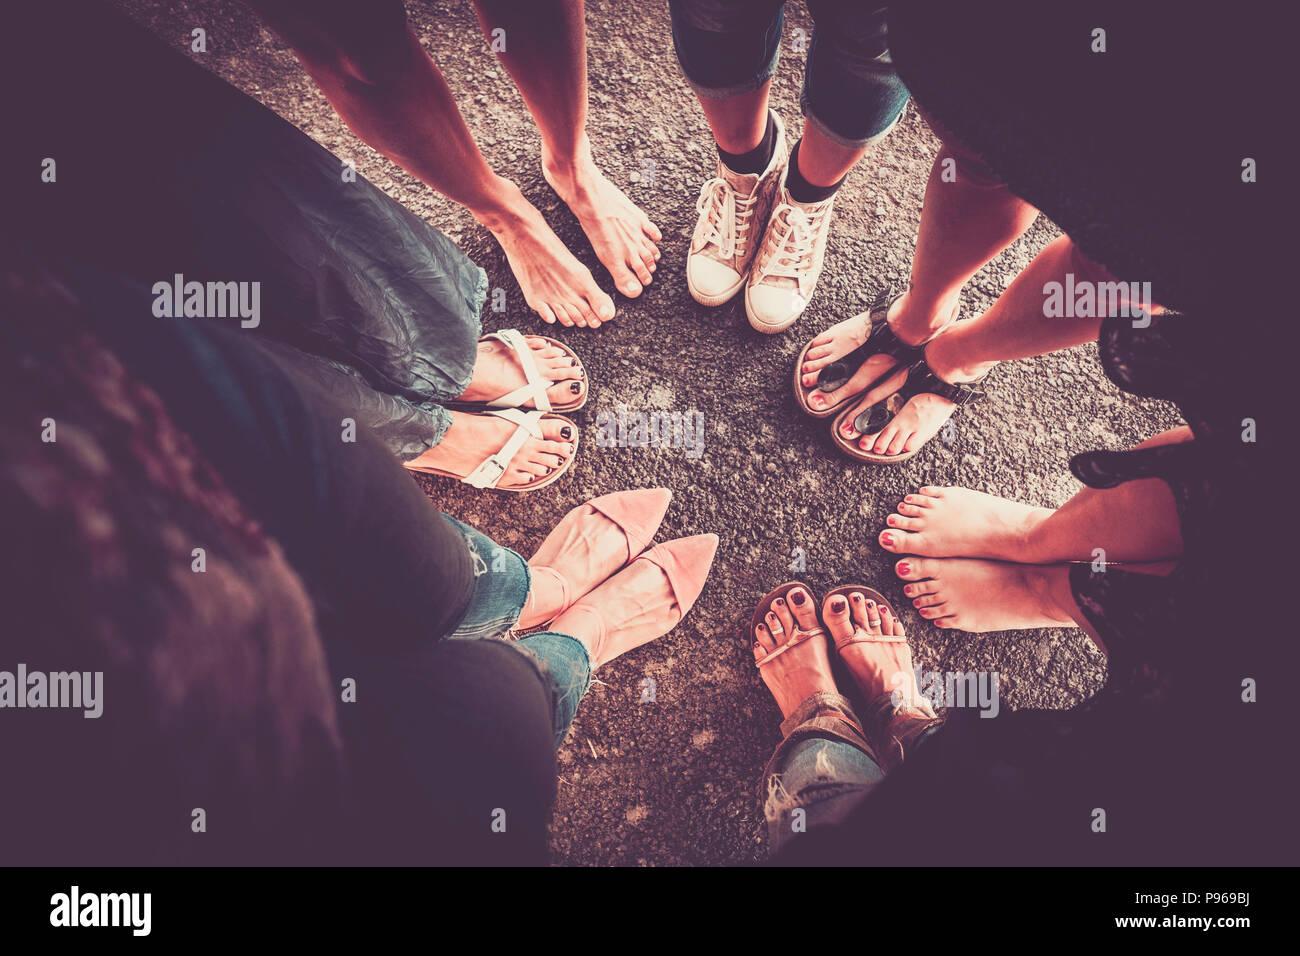 Gruppo di donna da alto punto di vista con sette coppie di piedi con le scarpe e a piedi nudi senza. caucasian cari in estate. colori vintage e vi Immagini Stock